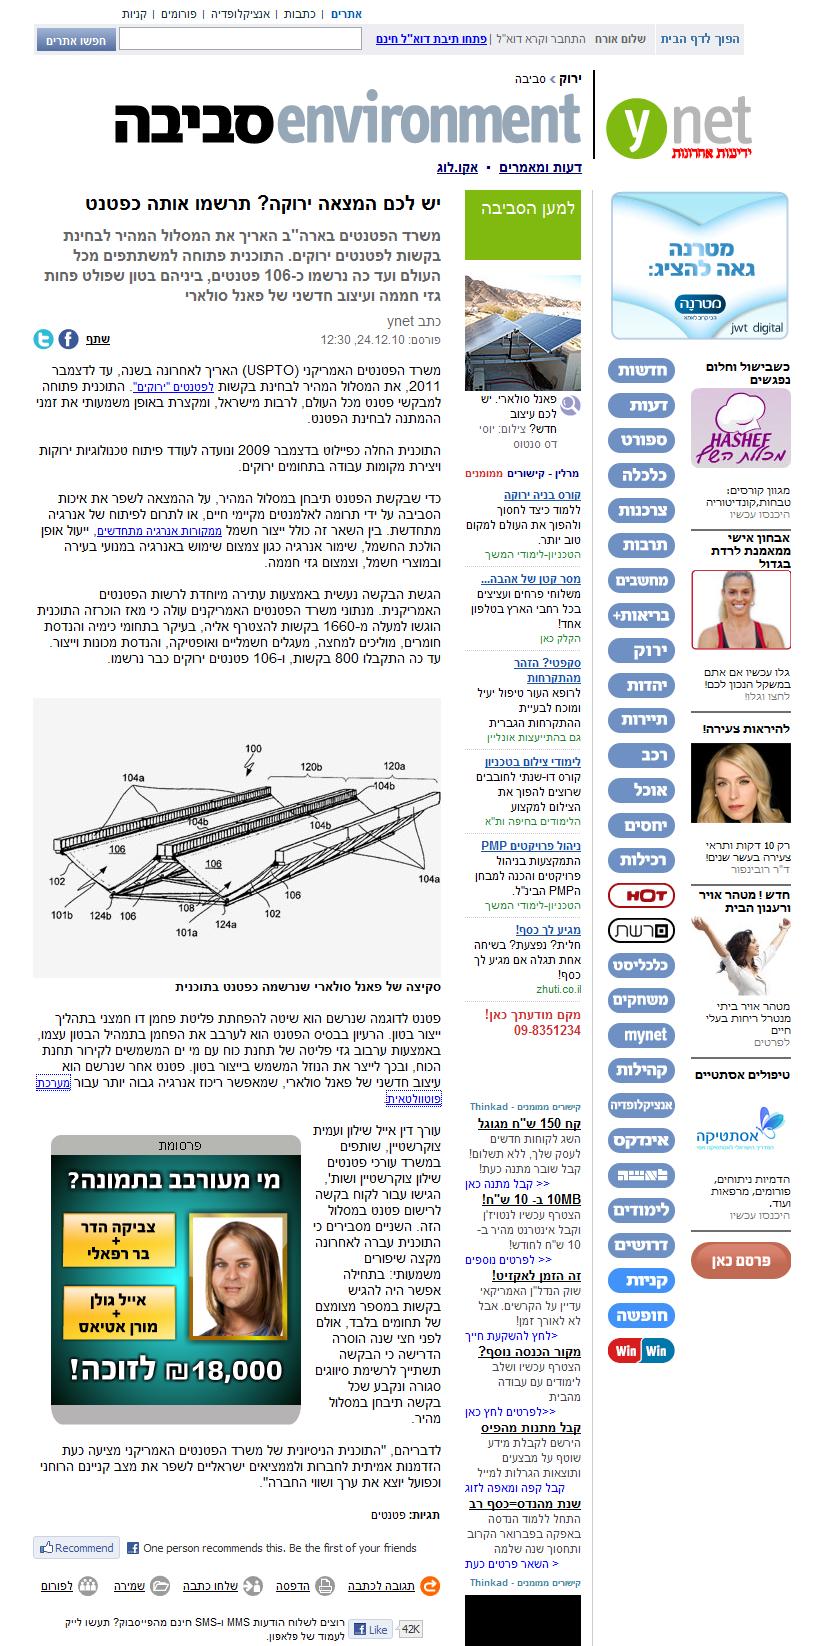 ידיעות אחרונות (אתר), 24/12/2010, יש לכם המצאה ירוקה? תרשמו אותה כפטנט